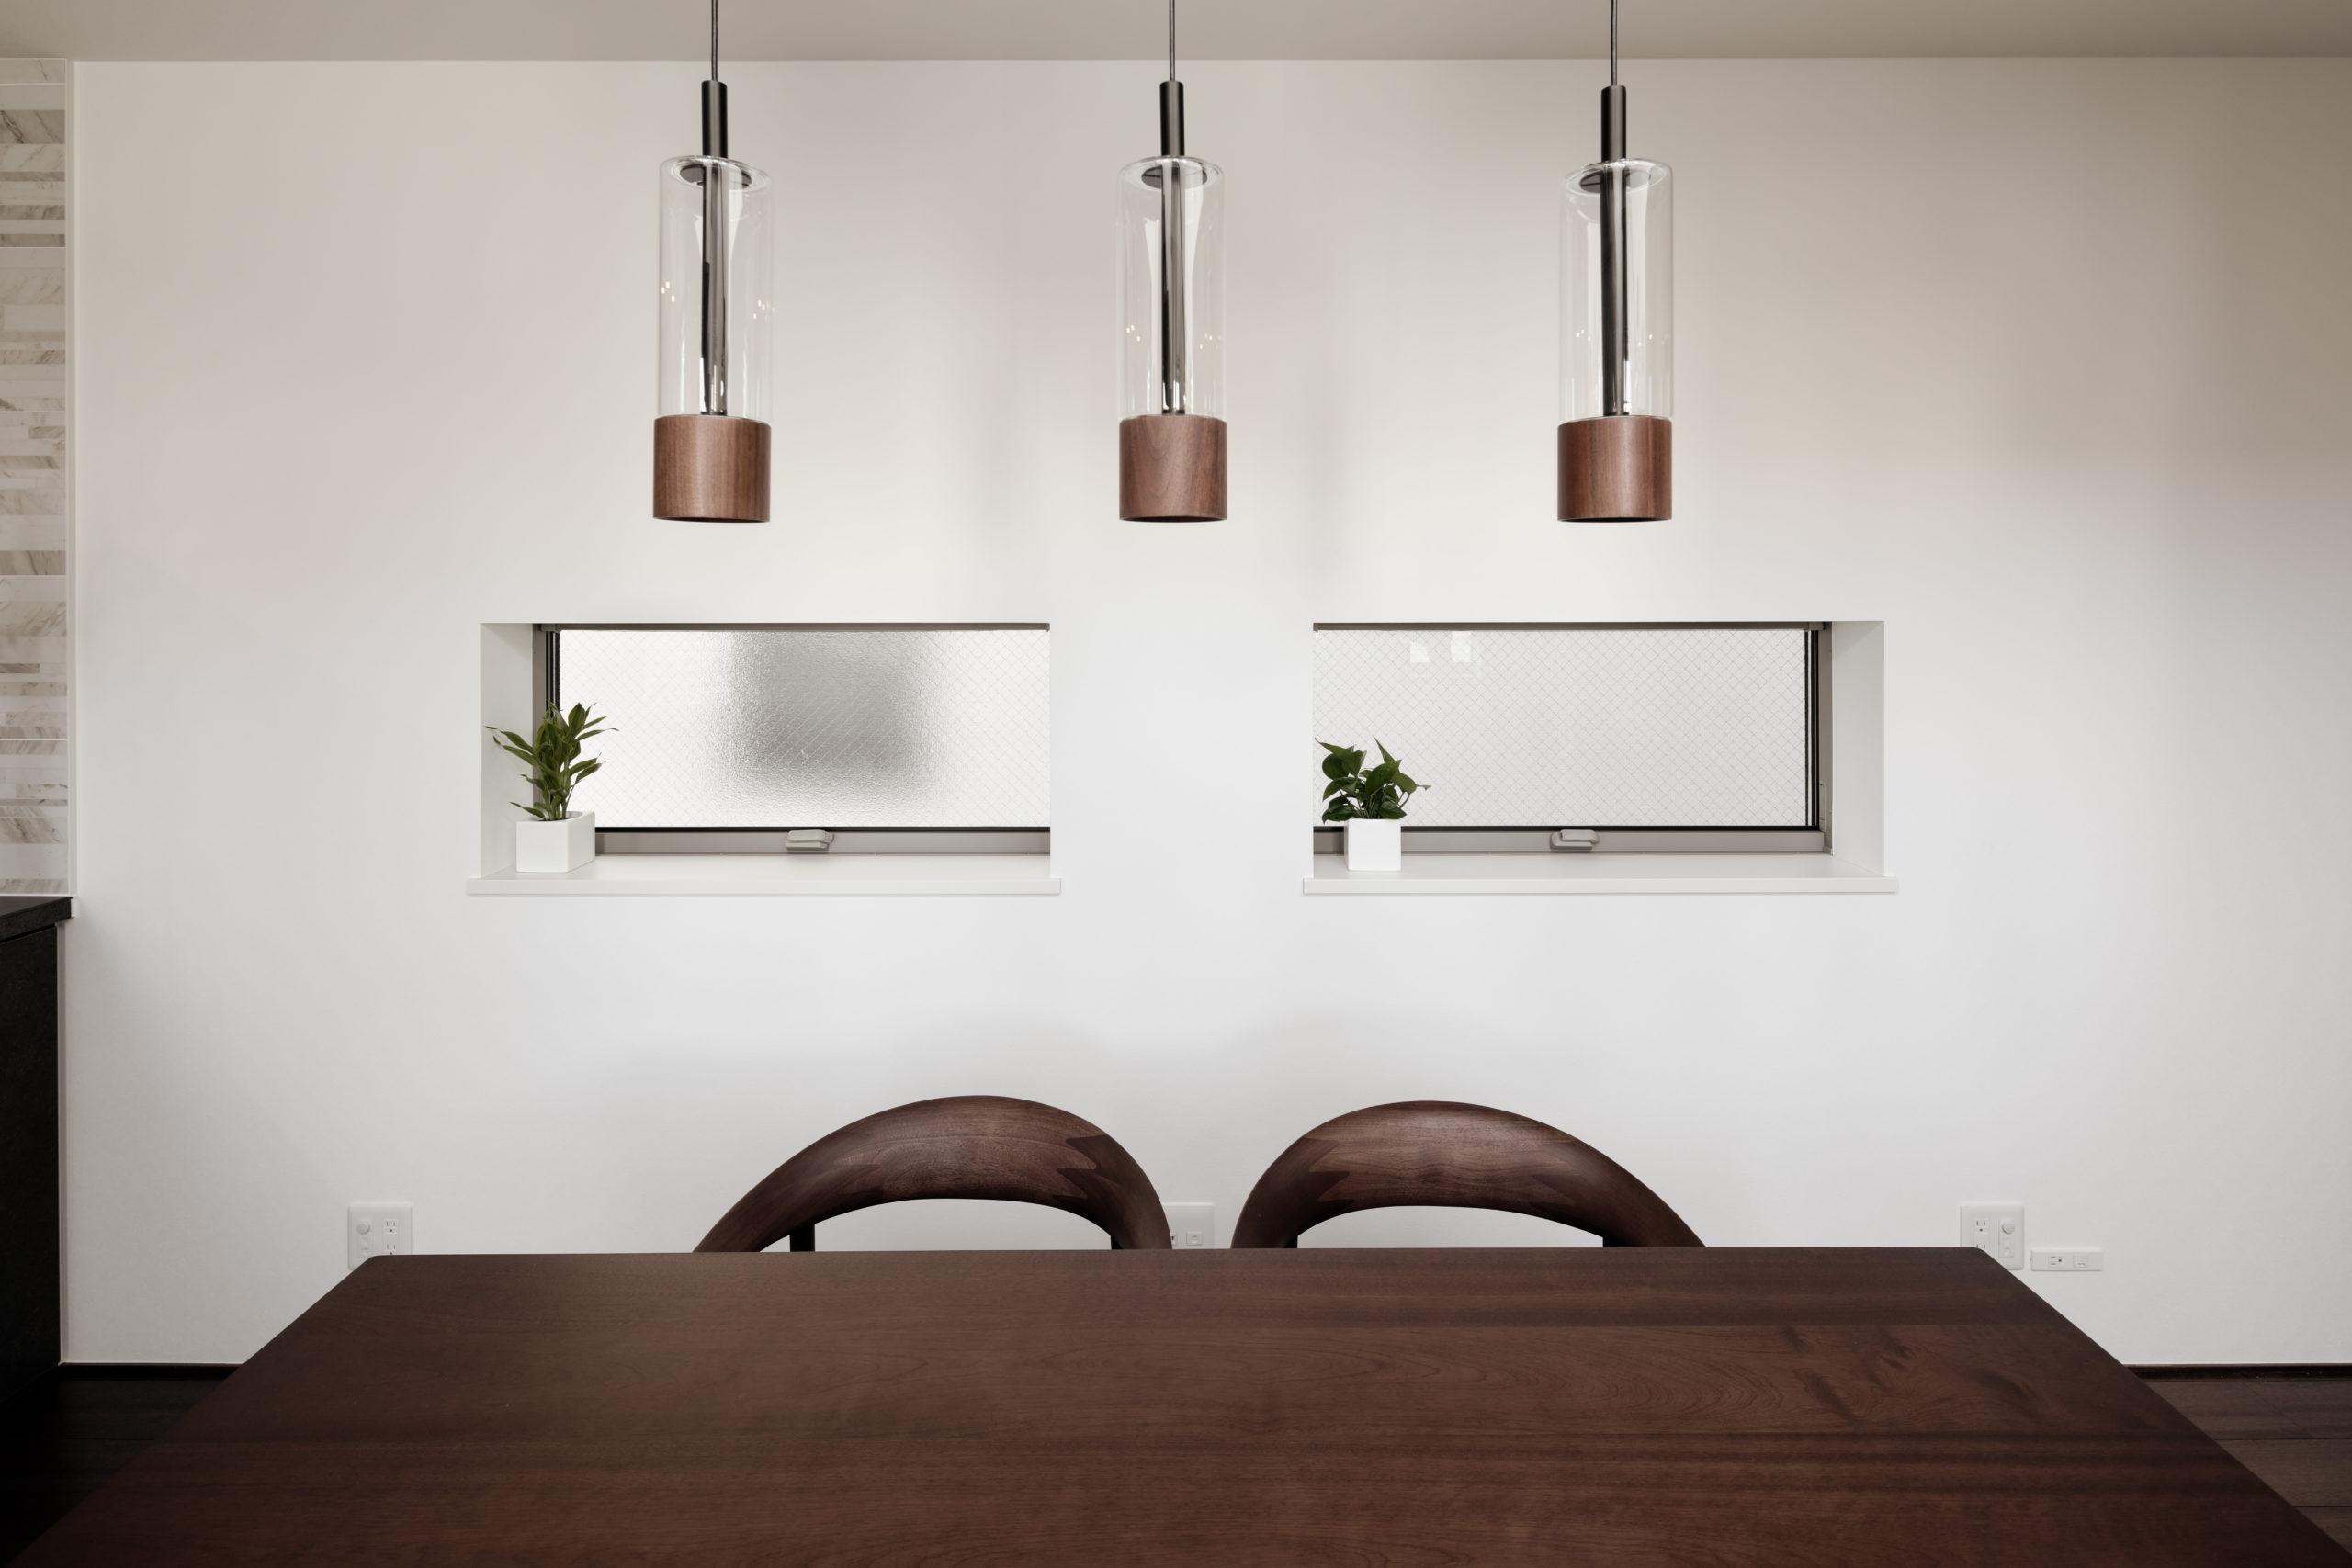 家具・照明・窓の位置の関係は綿密に計算されています